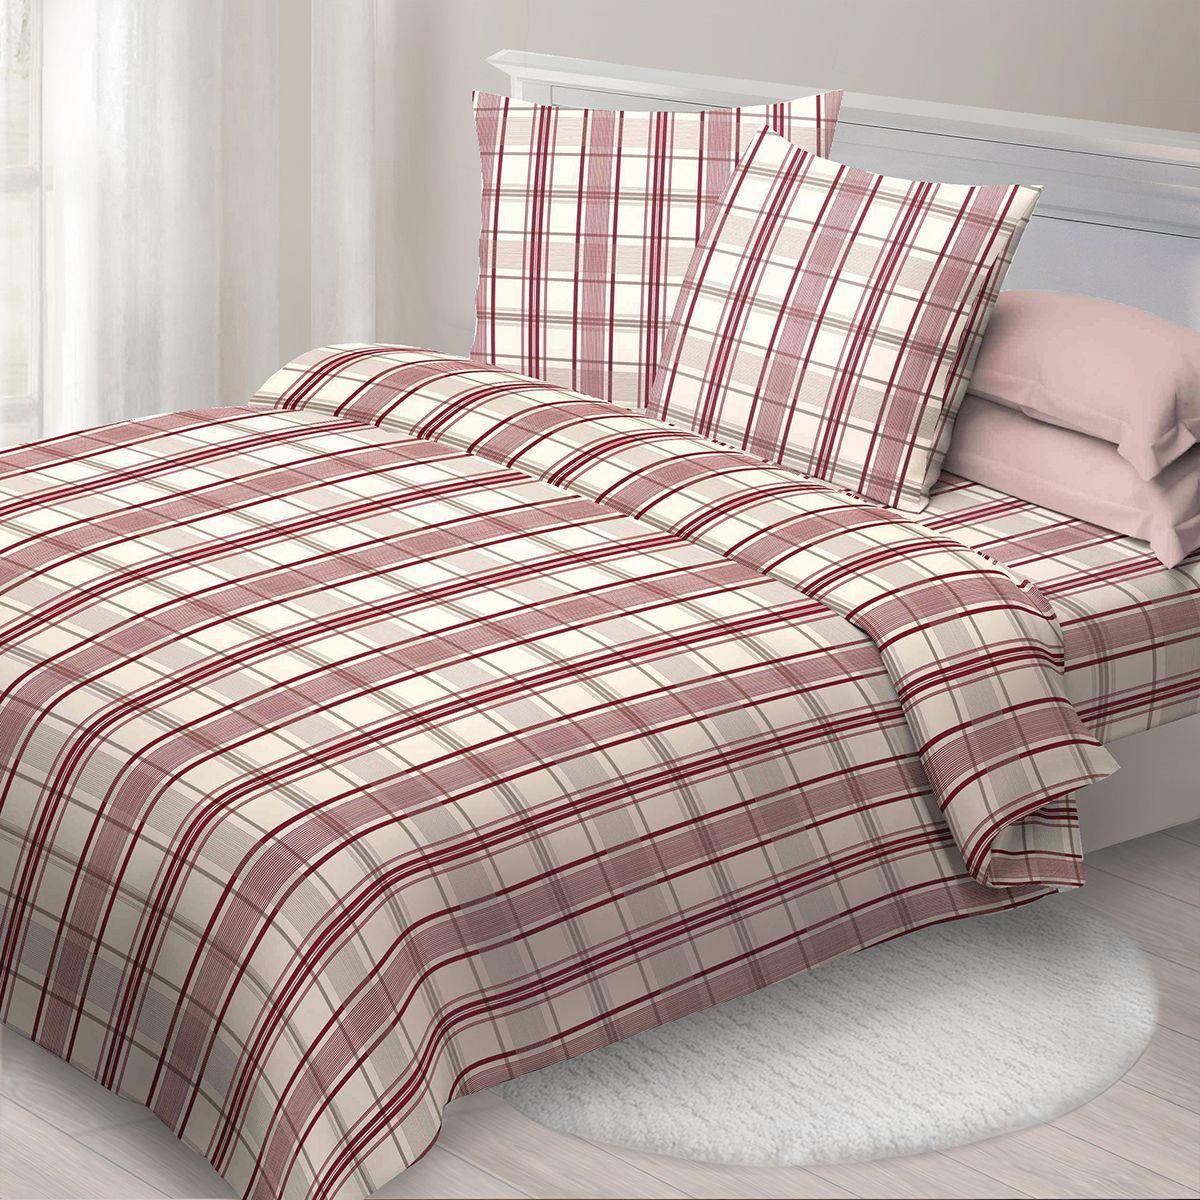 Комплект белья Спал Спалыч Ричард, 2-спальный, наволочки 70х70. 91320 комплект постельного белья 1 5 спал спалыч рис 4084 1 карамель